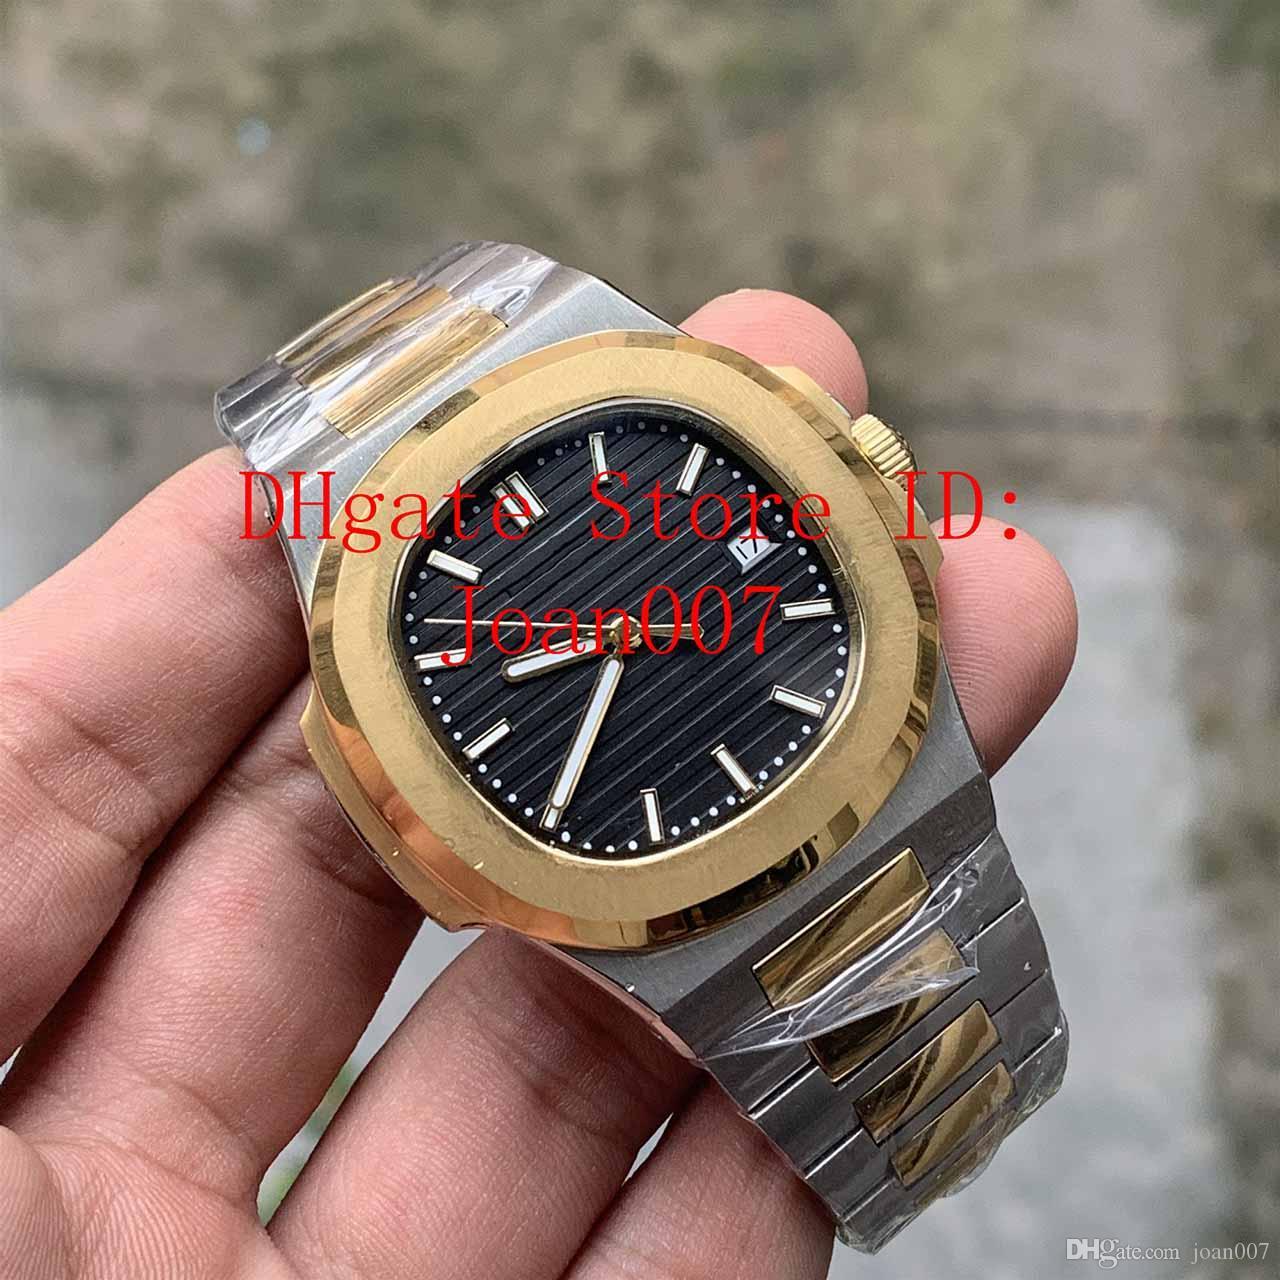 Factory en gros de bonne qualité Blue Dial 2 Tons Gold 2813 Mouvement Montre-bracelet 40mm Mechanical Transparent TRANSPARENT HOMME WATCH montre